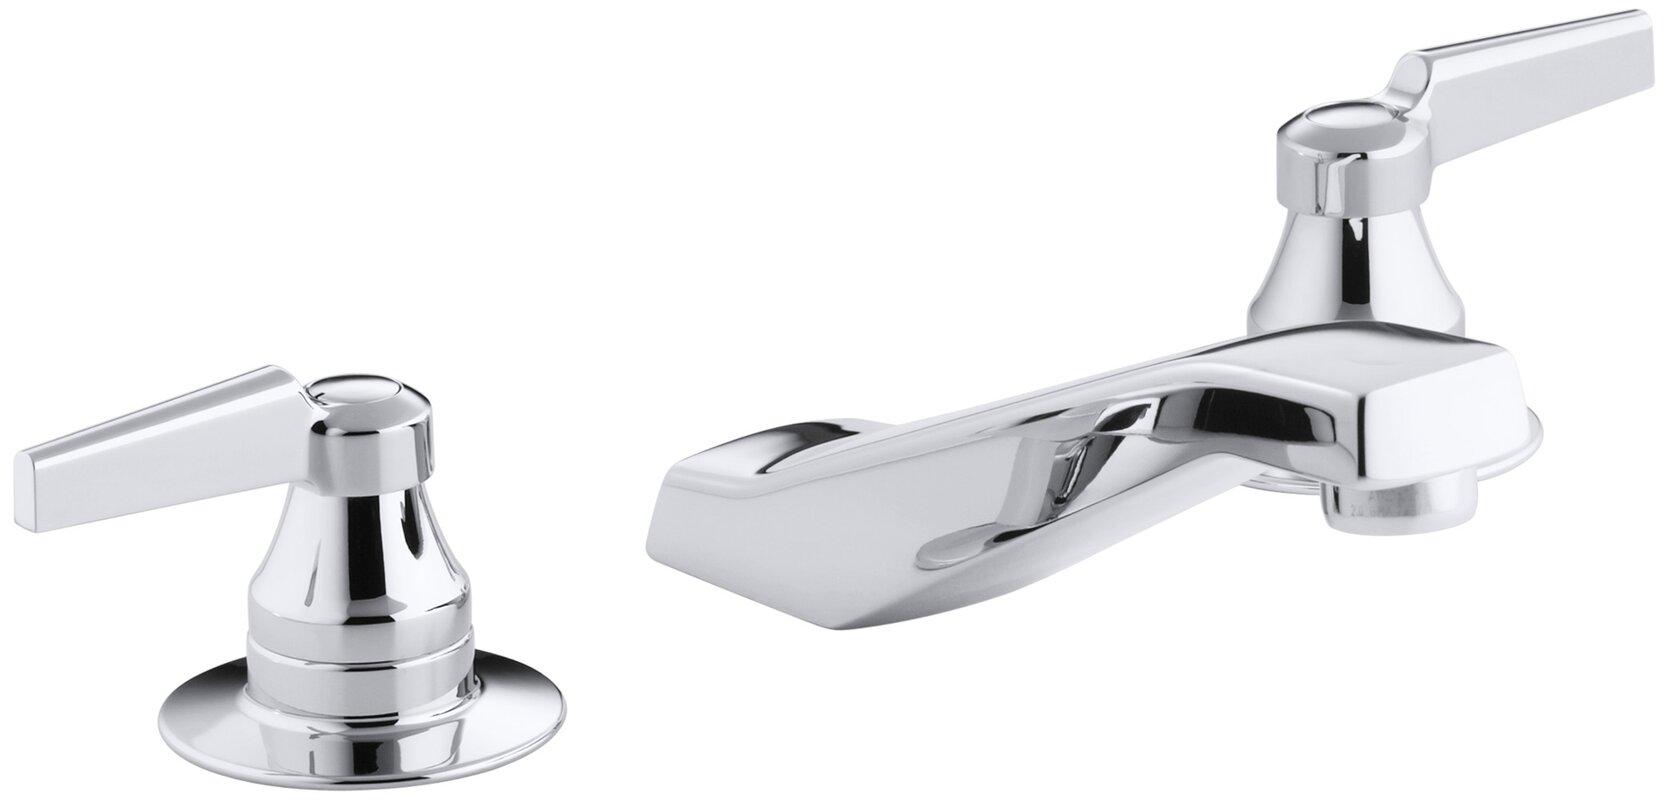 Bathroom sink tailpiece